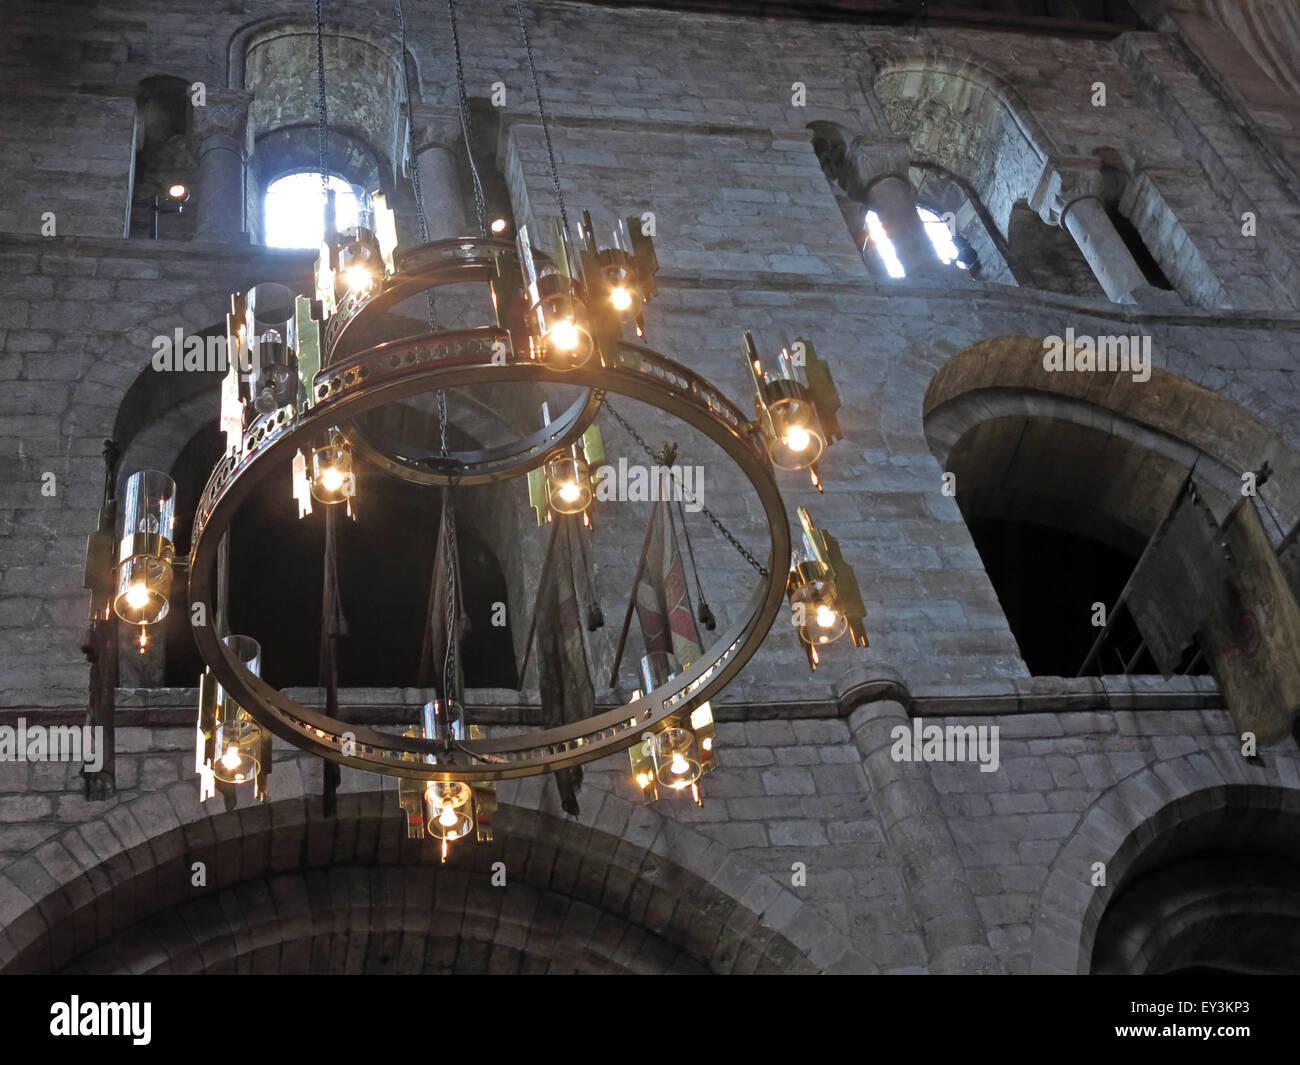 Laden Sie dieses Alamy Stockfoto Lichter bei Carlisle Kathedrale, Cumbria, England, UK - EY3KP3